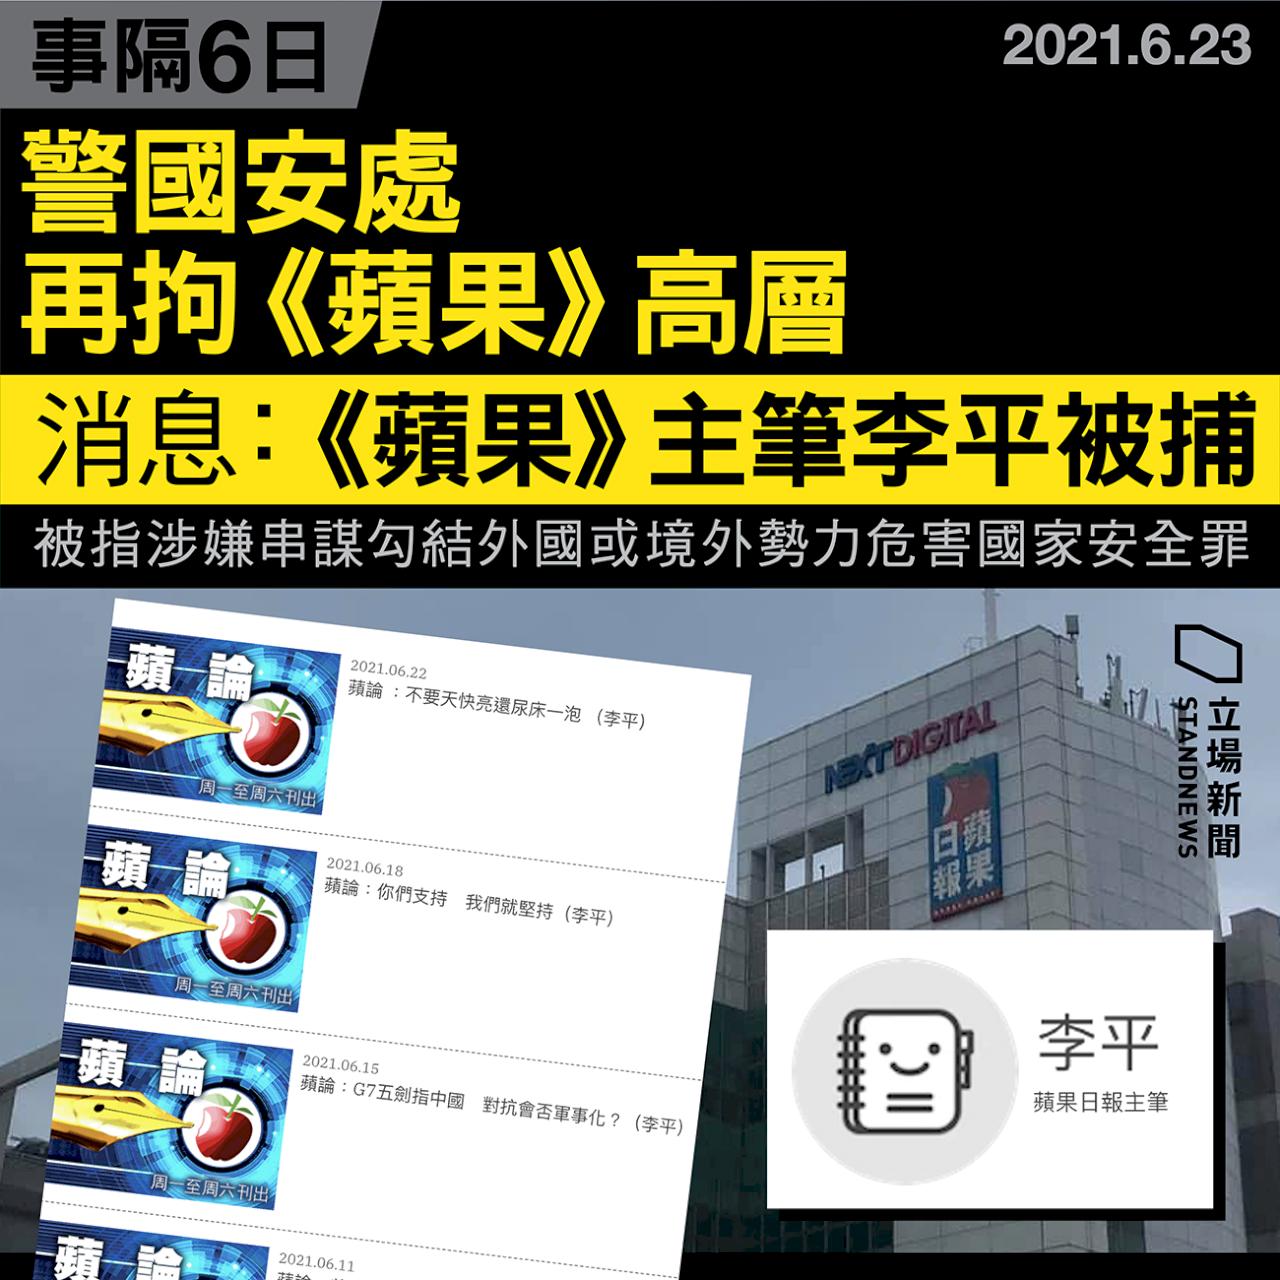 消息:香港《蘋果》主筆李平被捕